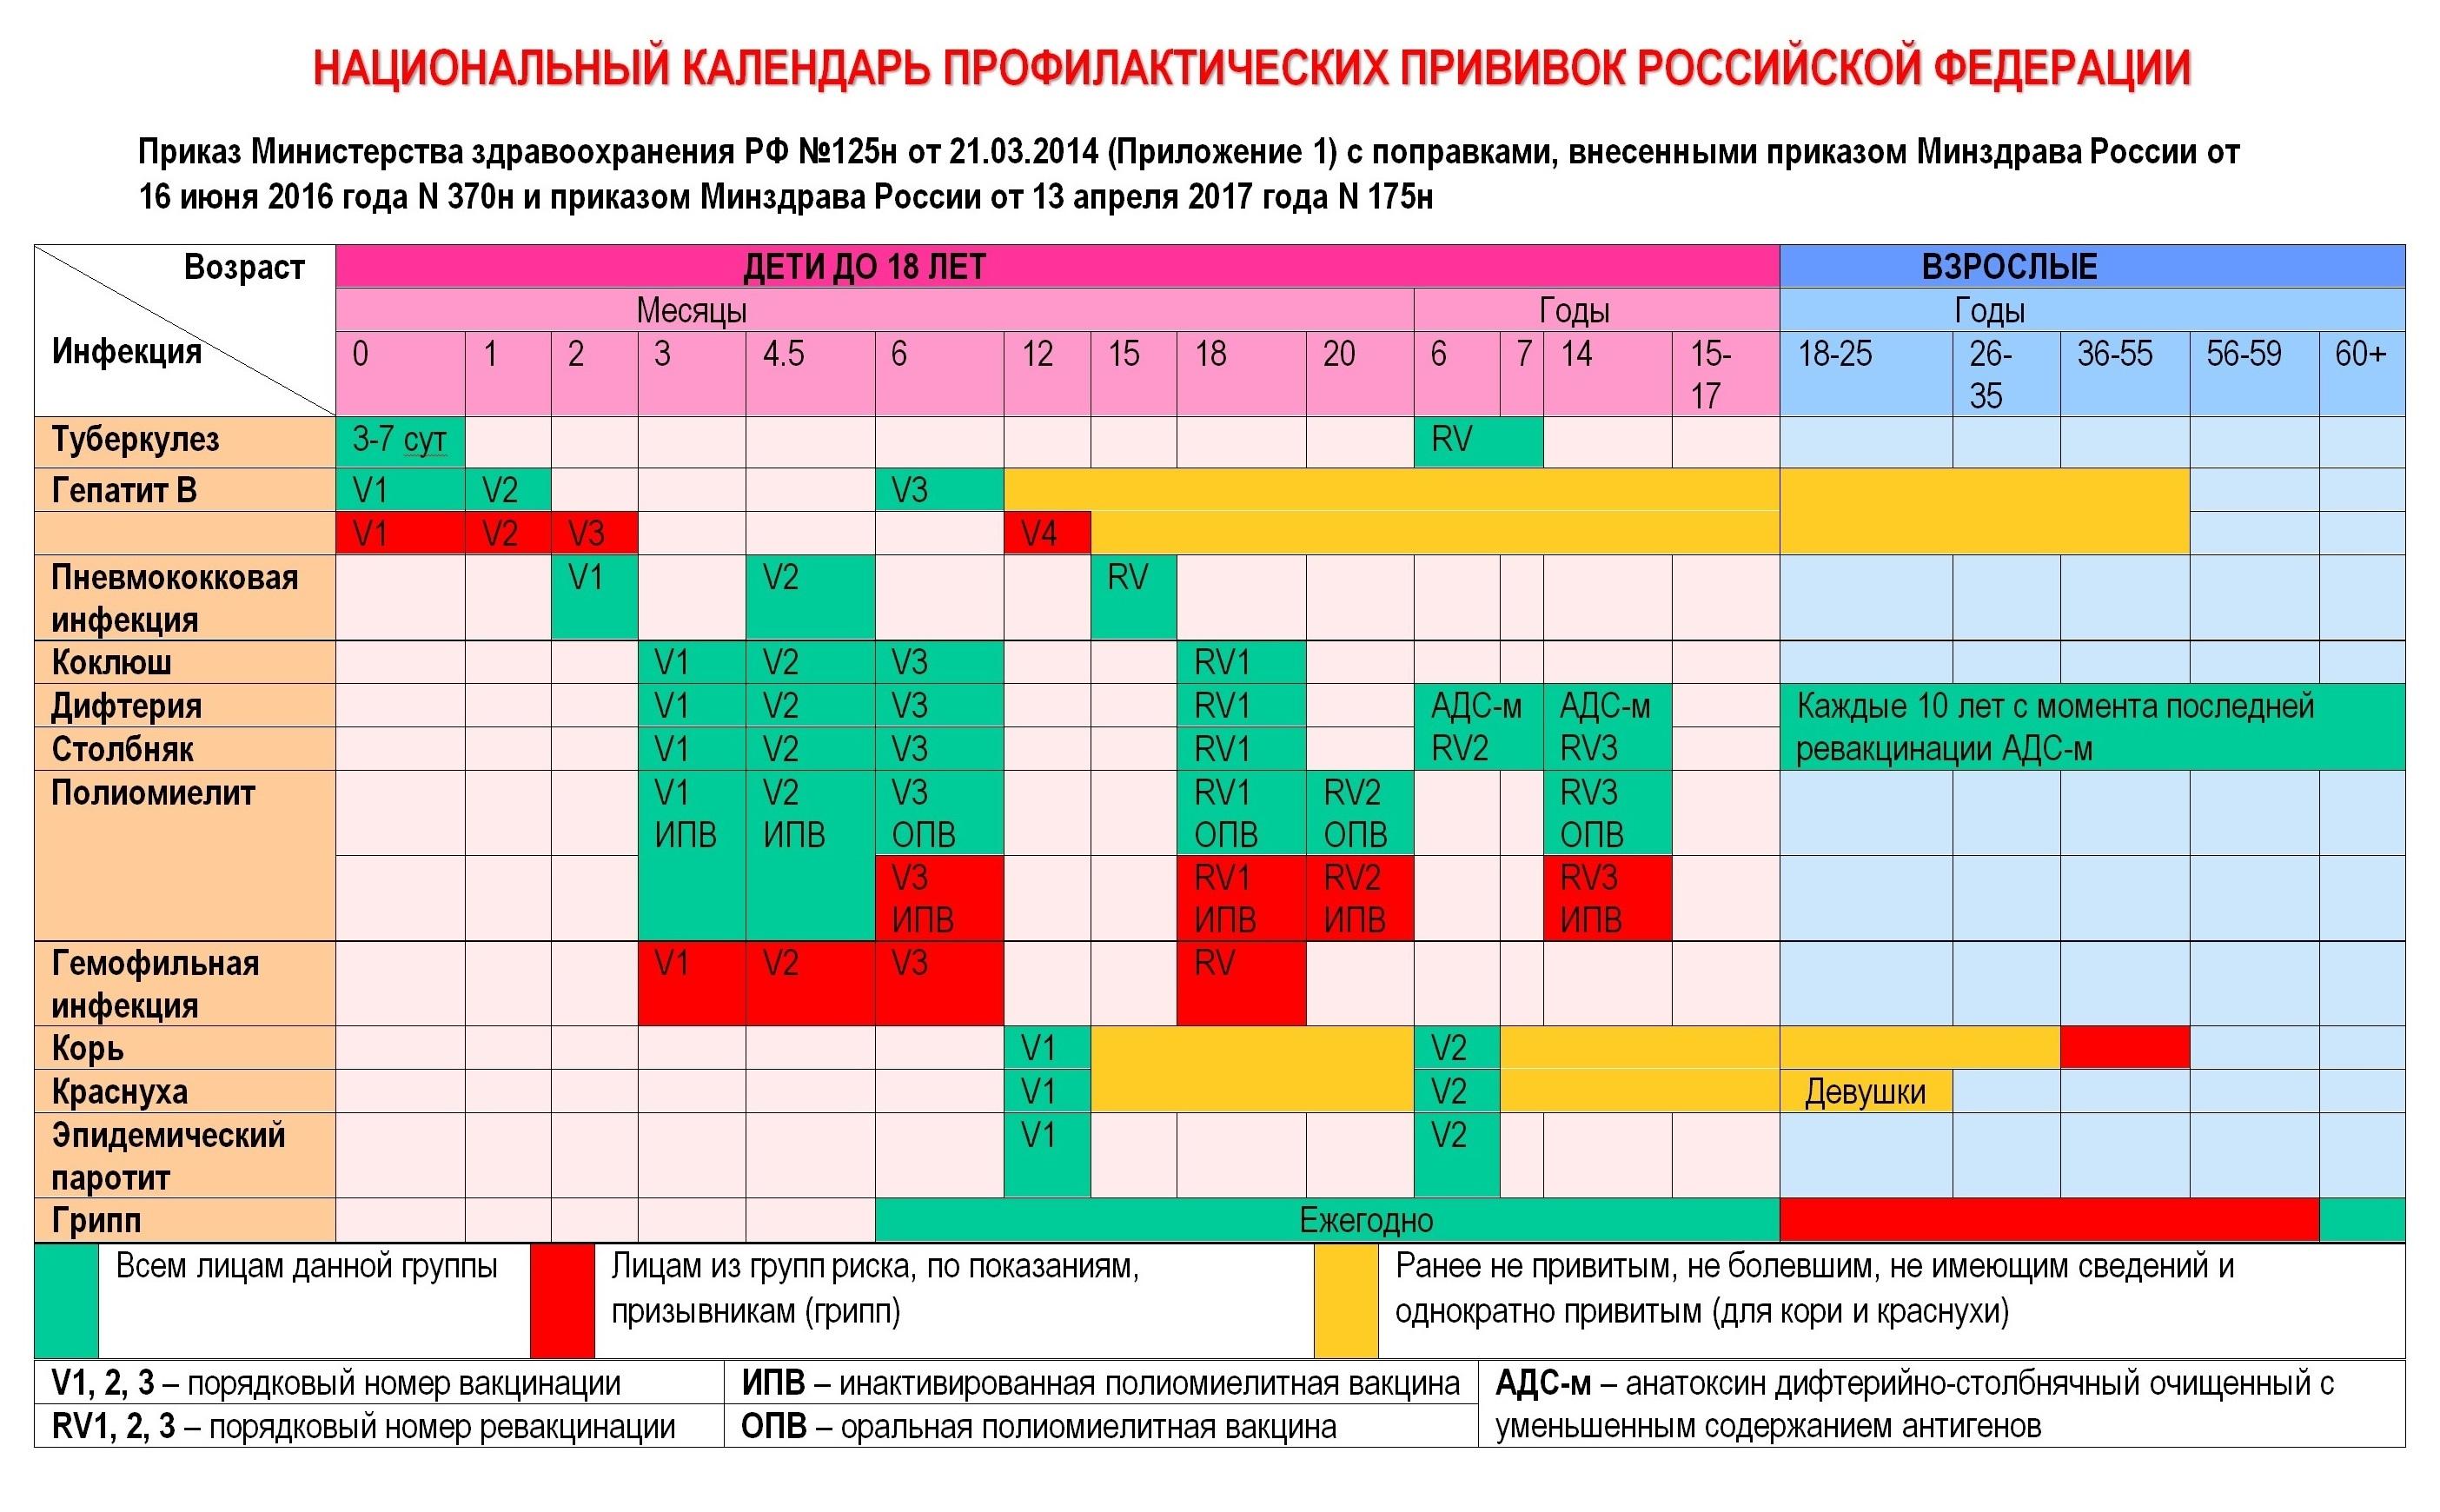 Например, в 4,5 месяца ребенку по календарю одновременно вводят 3 вакцины: АКДС, пневмококковую и от полиомиелита. Как правило, это происходит в один день